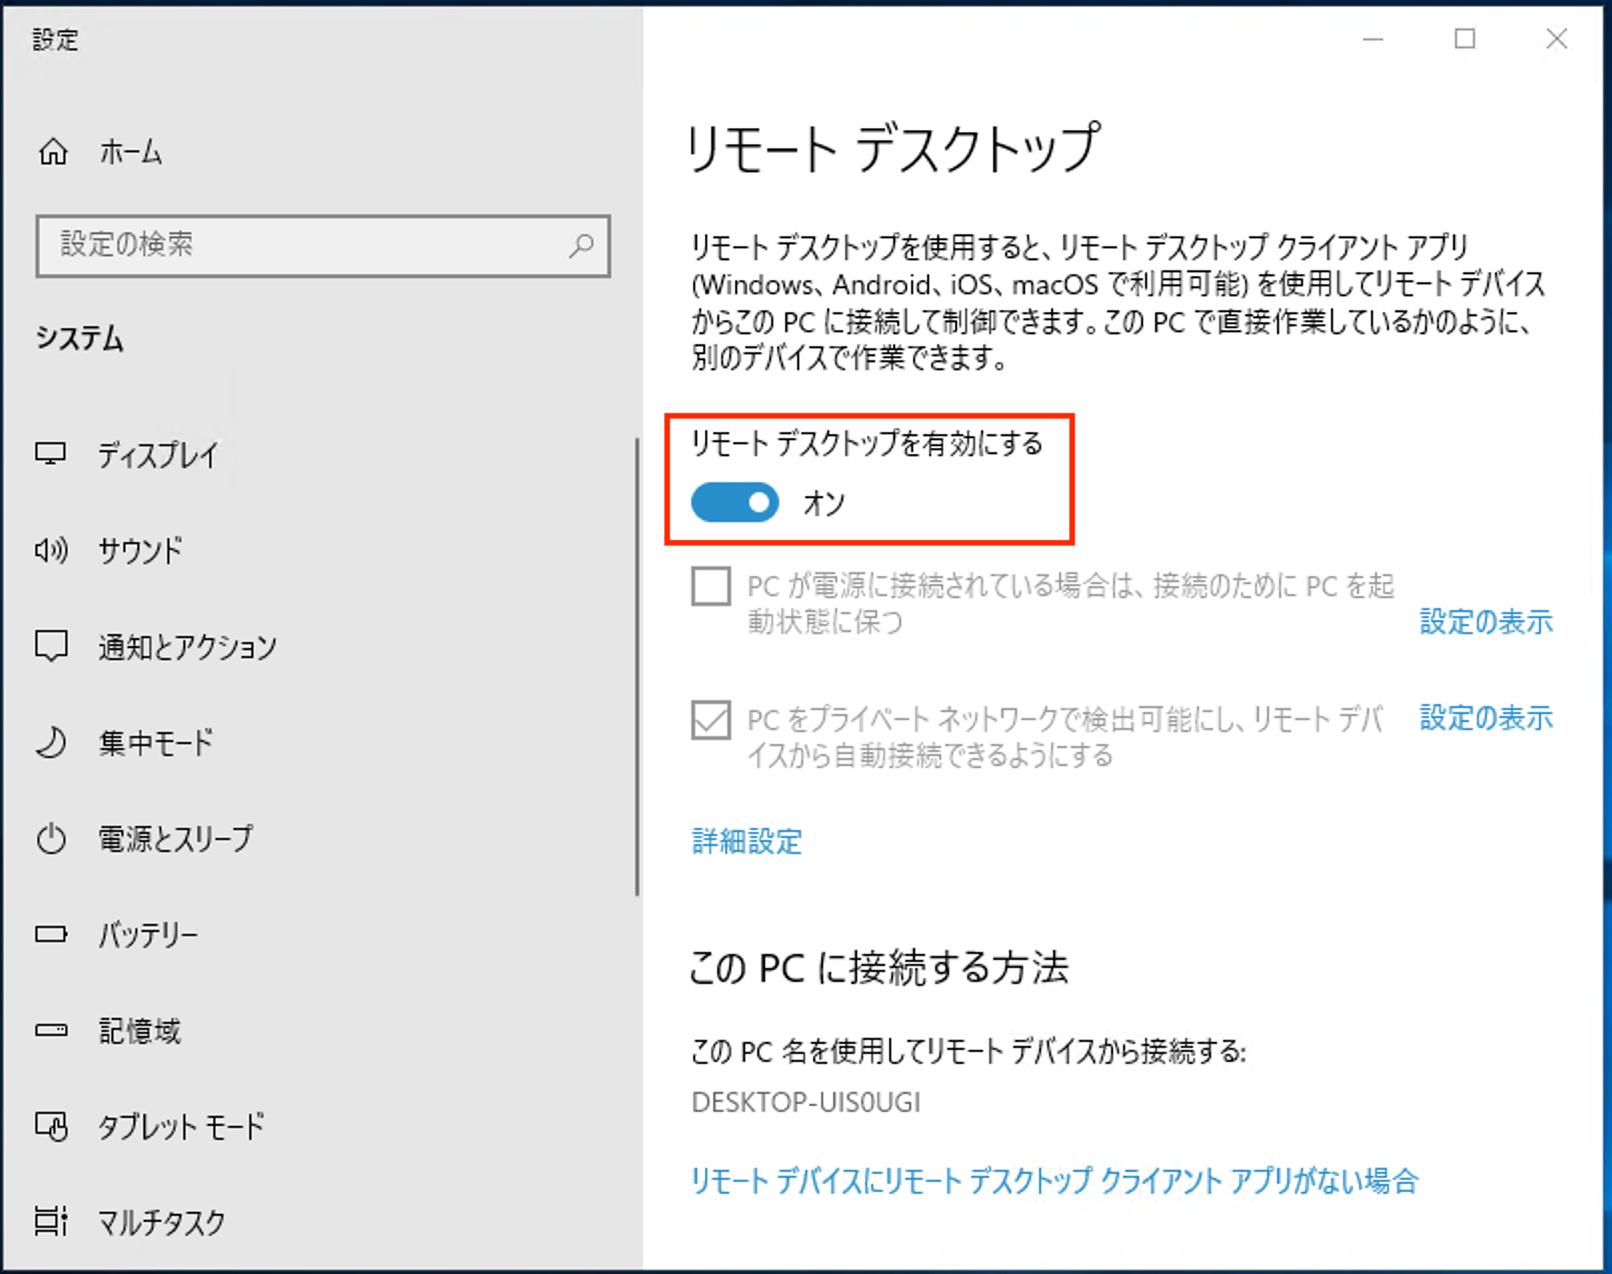 スクリーンショット 2020-05-23 17.01.03.png